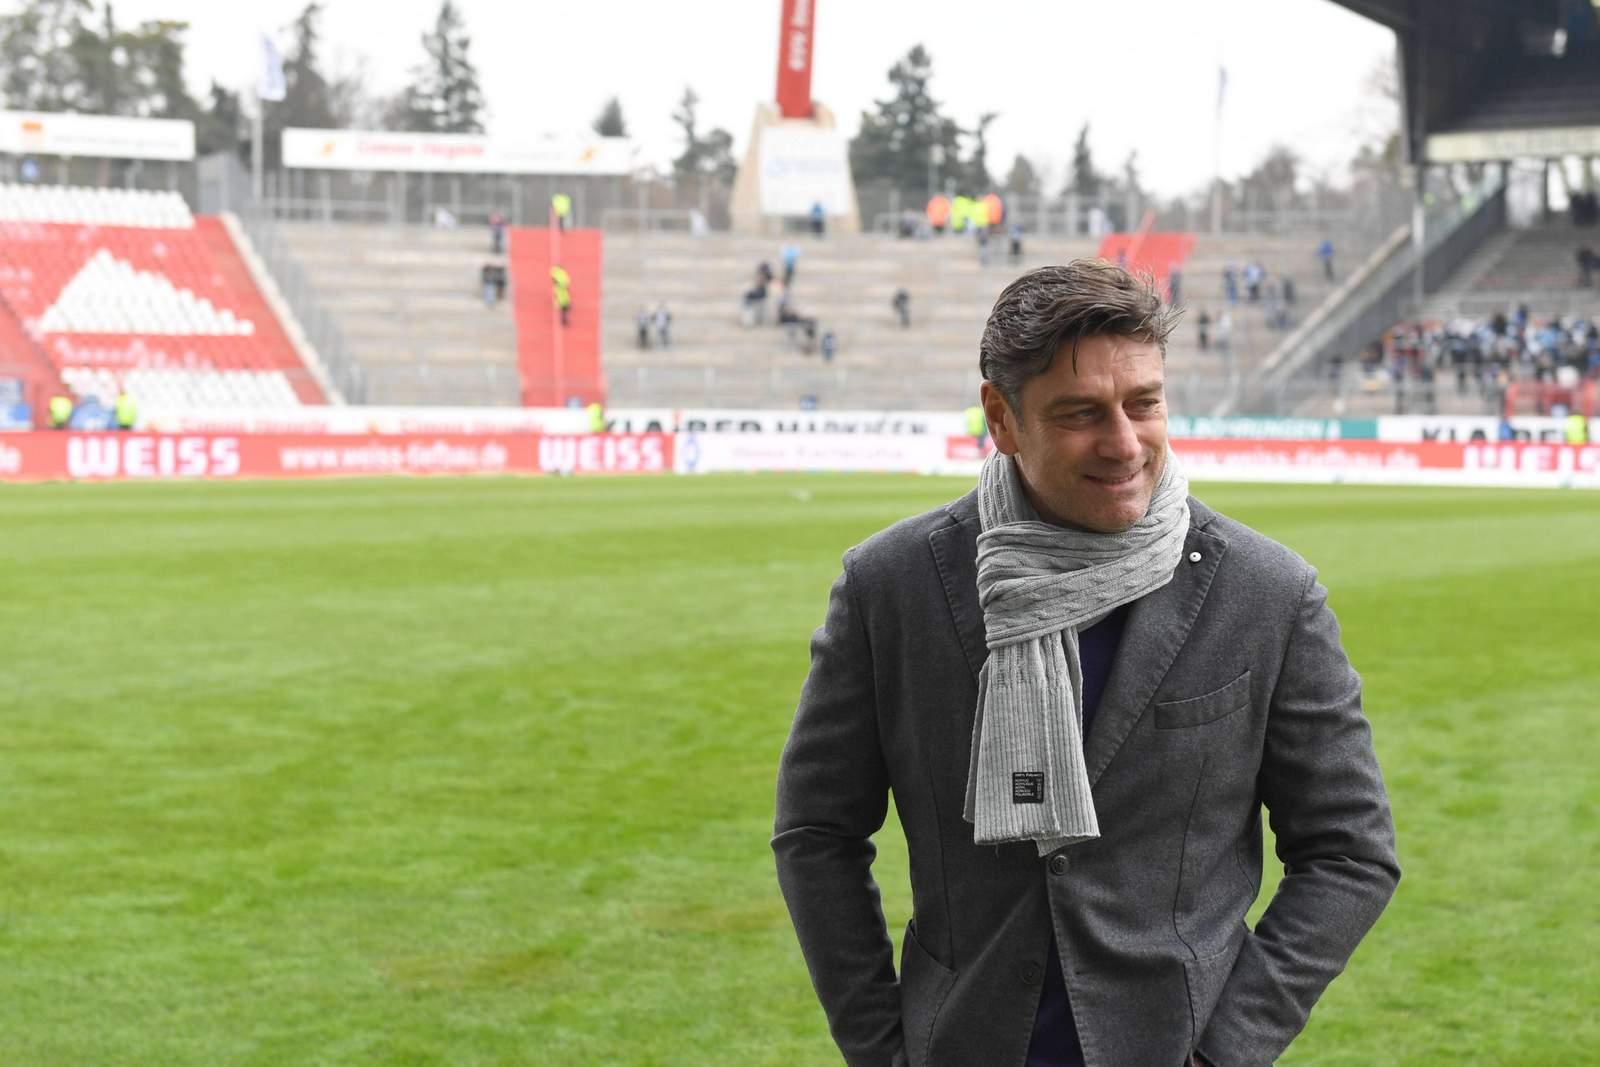 Optimismus vor der Relegation: KSC-Sportchef Oliver Kreuzer